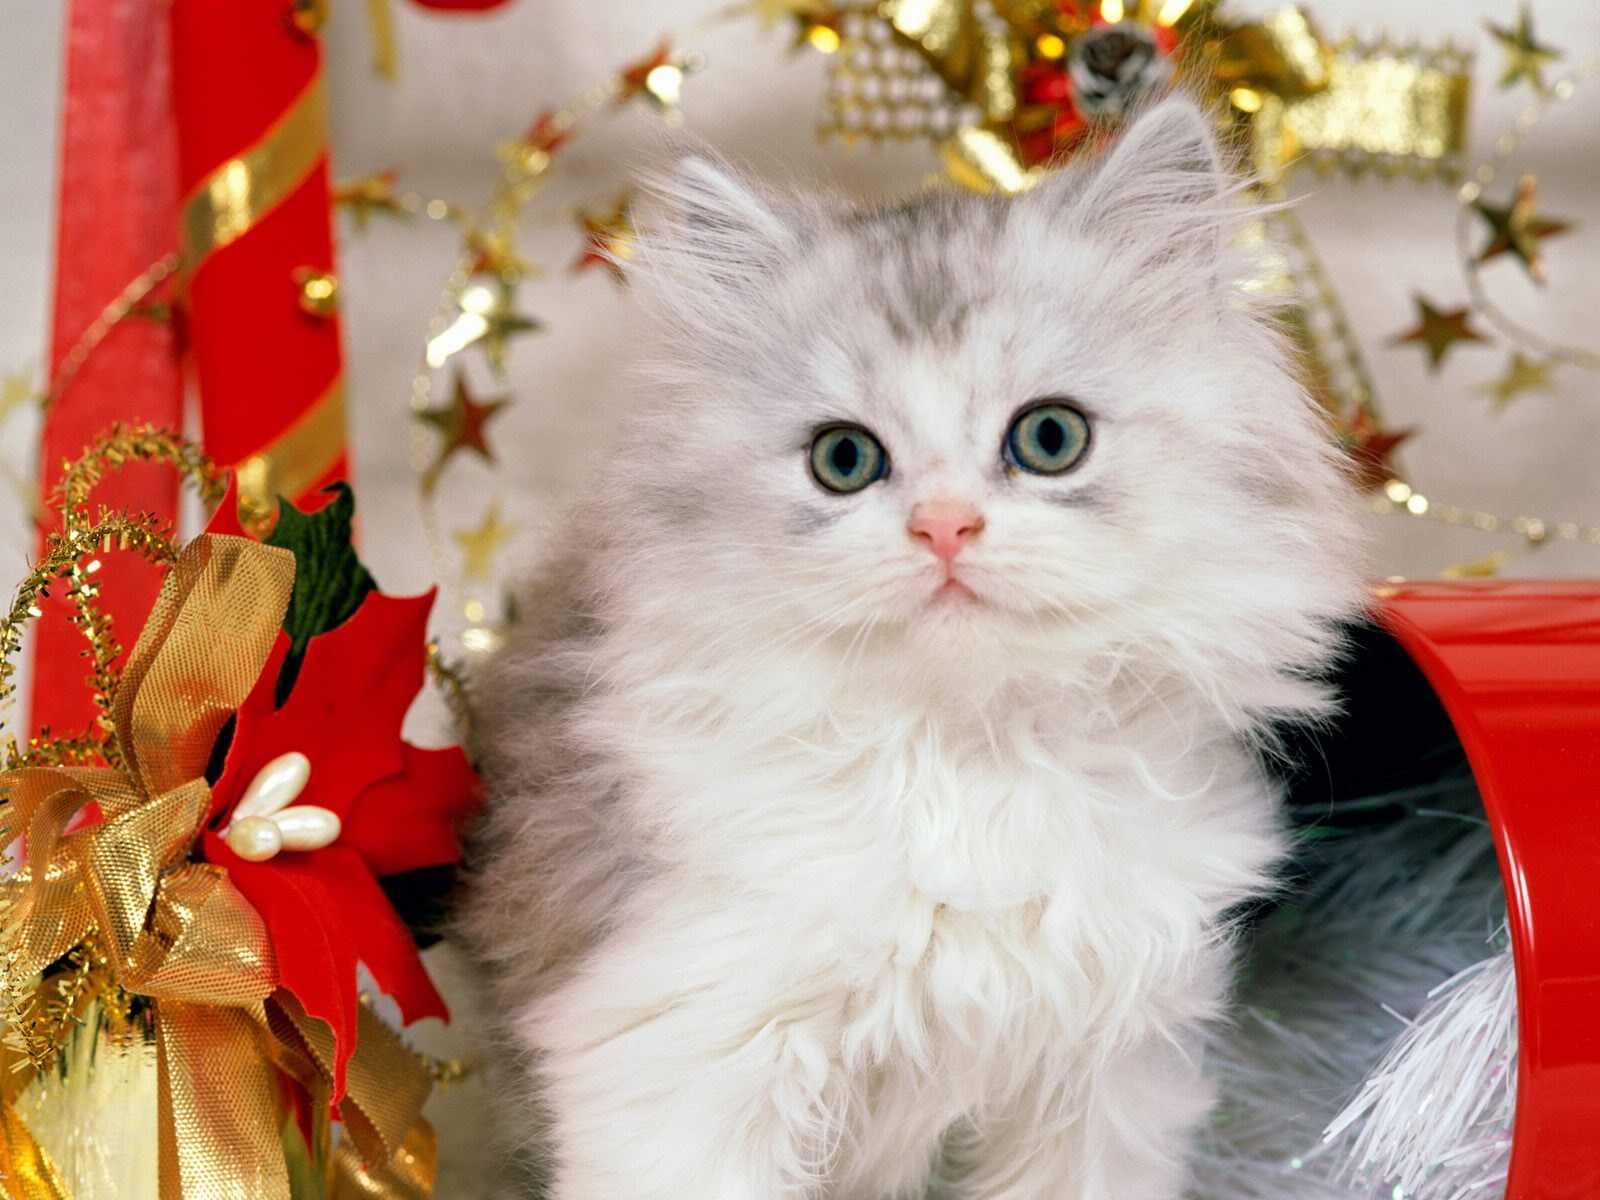 Imagenes De Gatos Gatitos Mascotas Wallpapers Fondos Cats